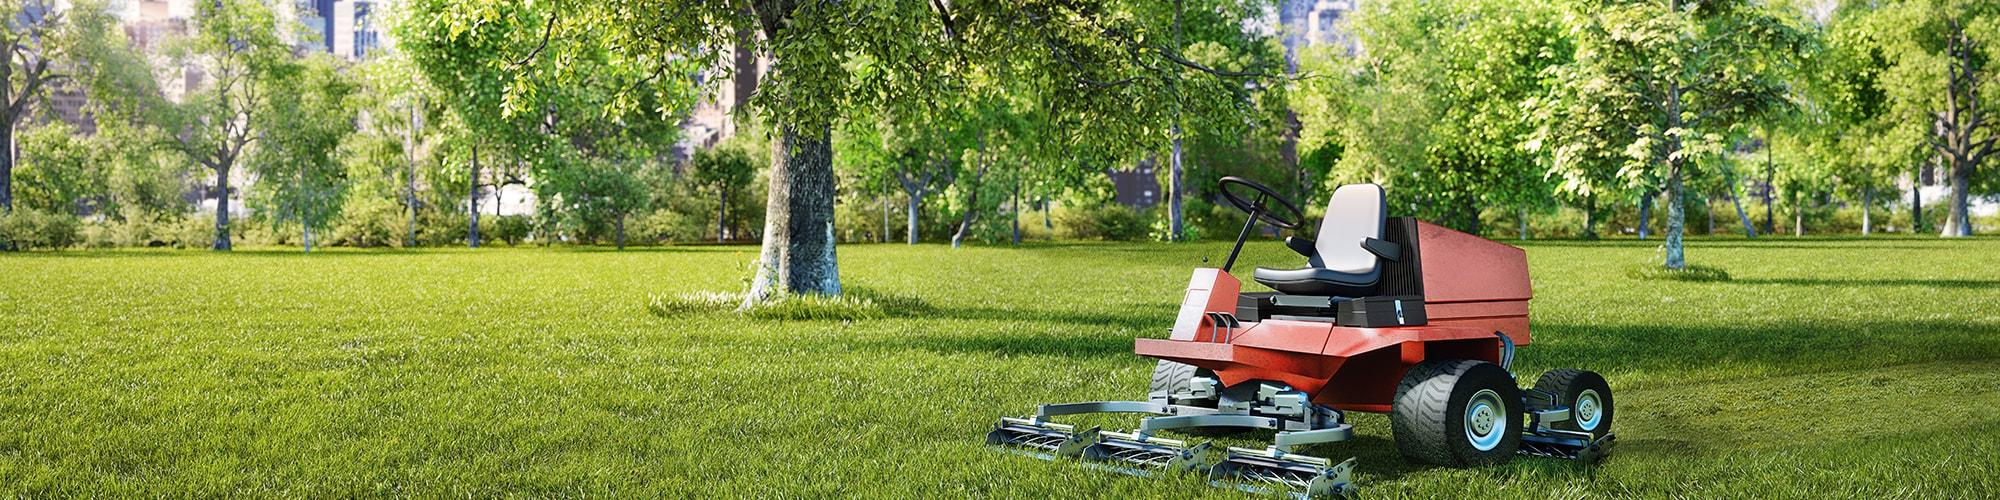 Macchine professionali per il verde